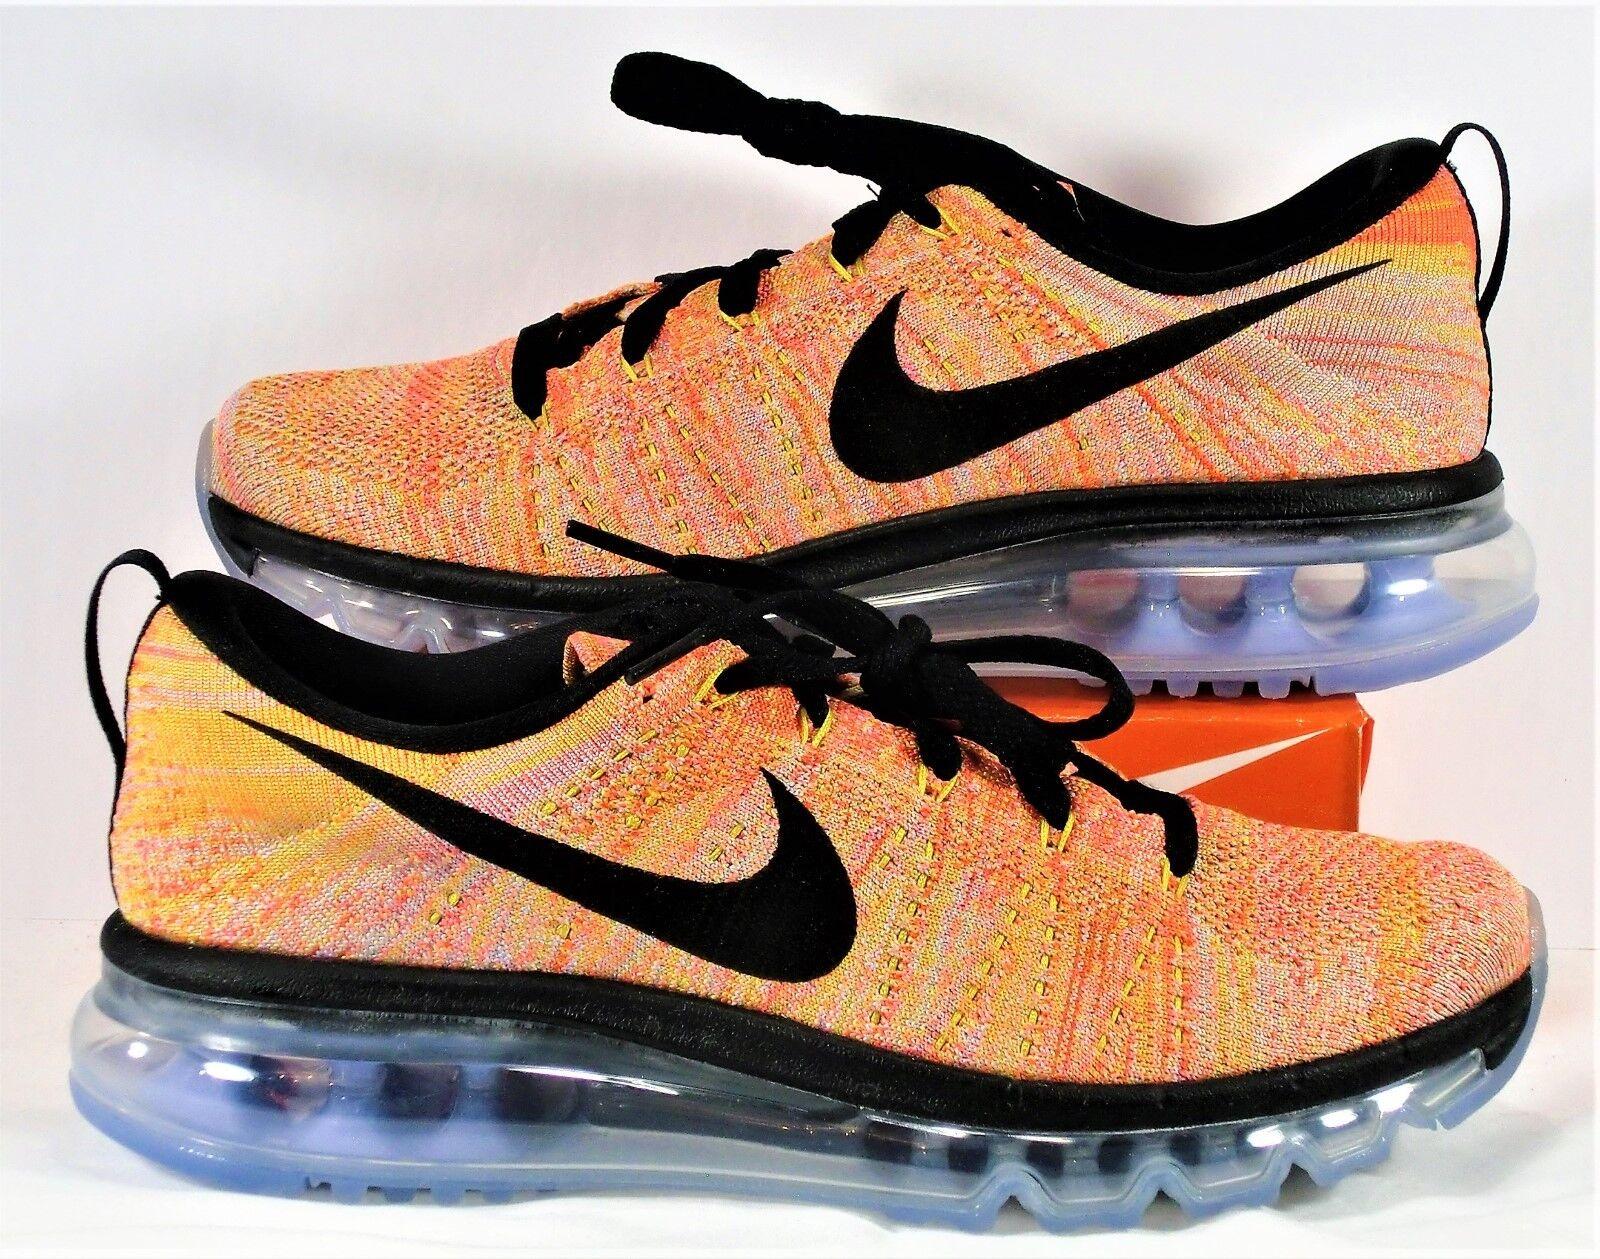 Nike air max arcobaleno flyknit & multi - colore delle scarpe nuove 620659 005 sz